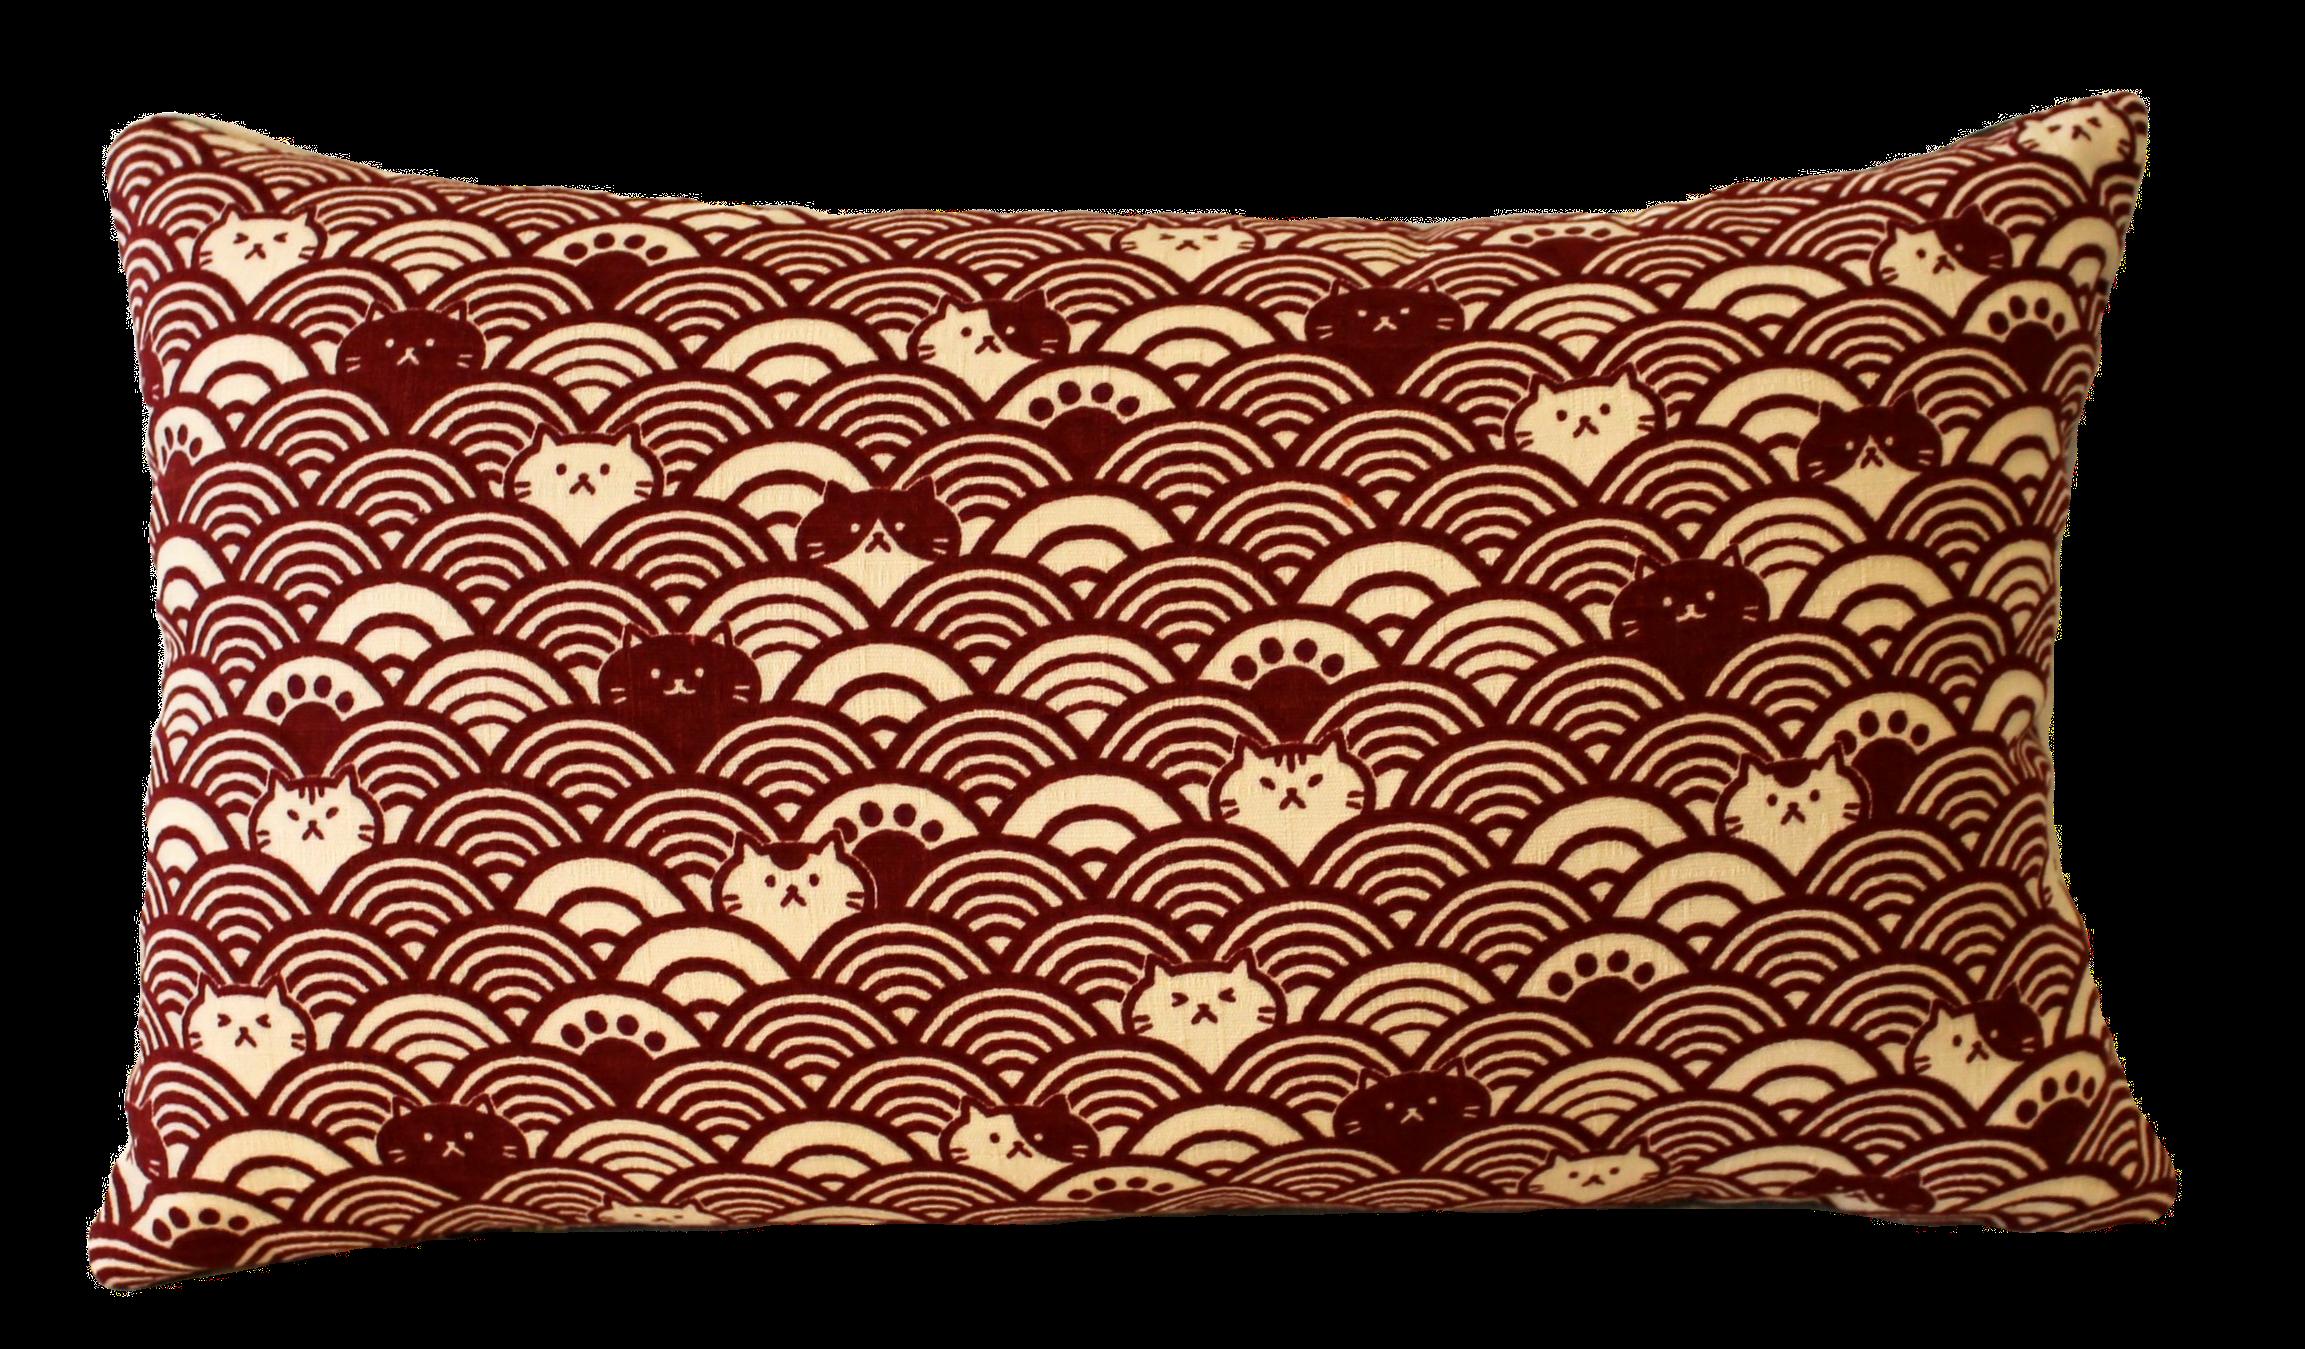 Coussin de voyage Maneki-neko rouge - 24€